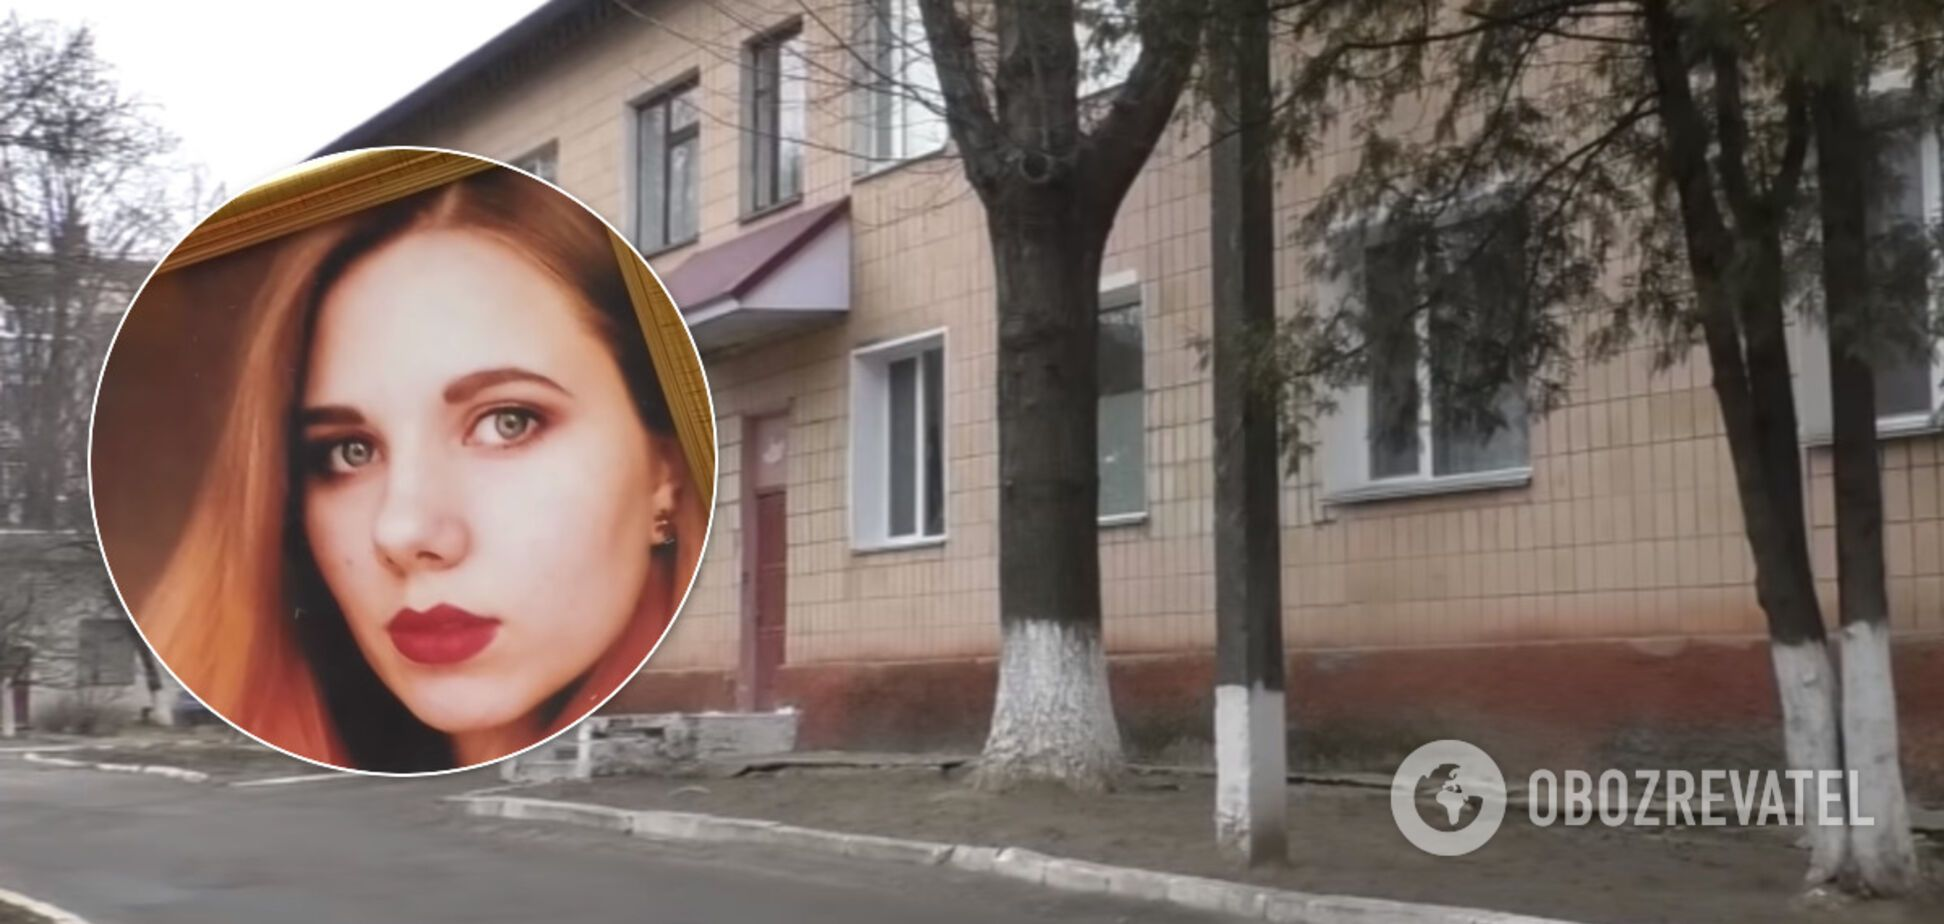 'Укололи что-то в плечо и увезли': в Чернигове разгорелся скандал из-за смерти 19-летней роженицы